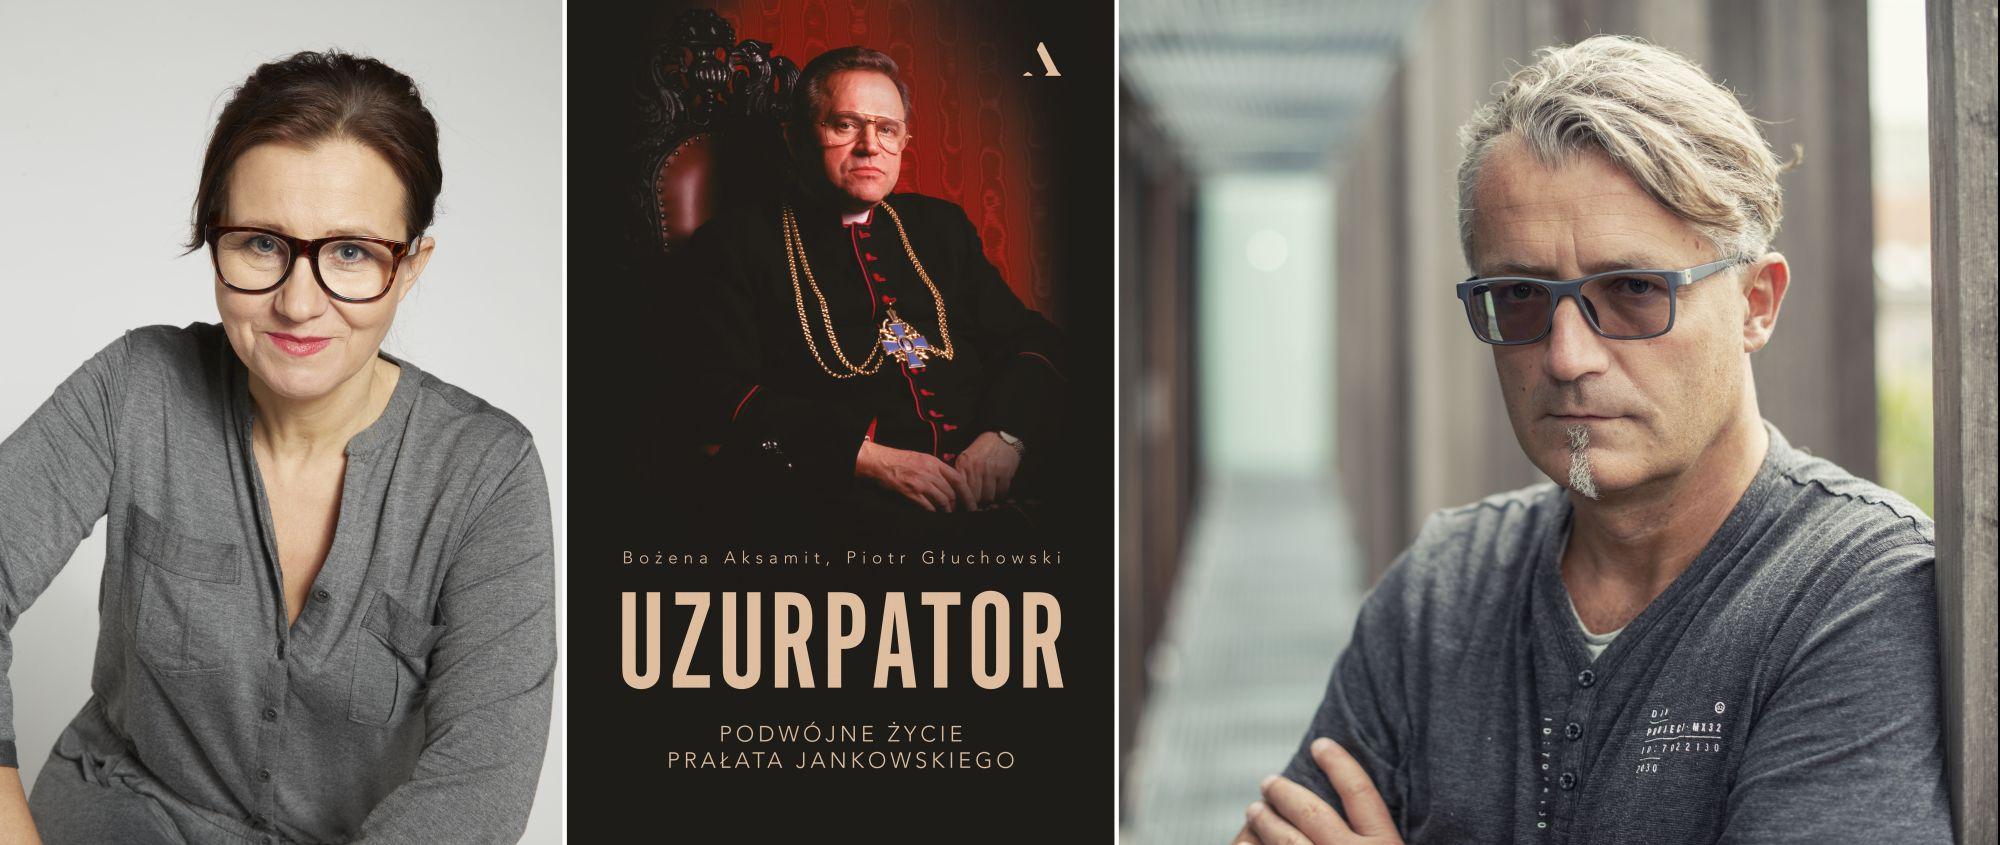 Bożena Aksamit, Piotr Głuchowski (fot. materiały prasowe)